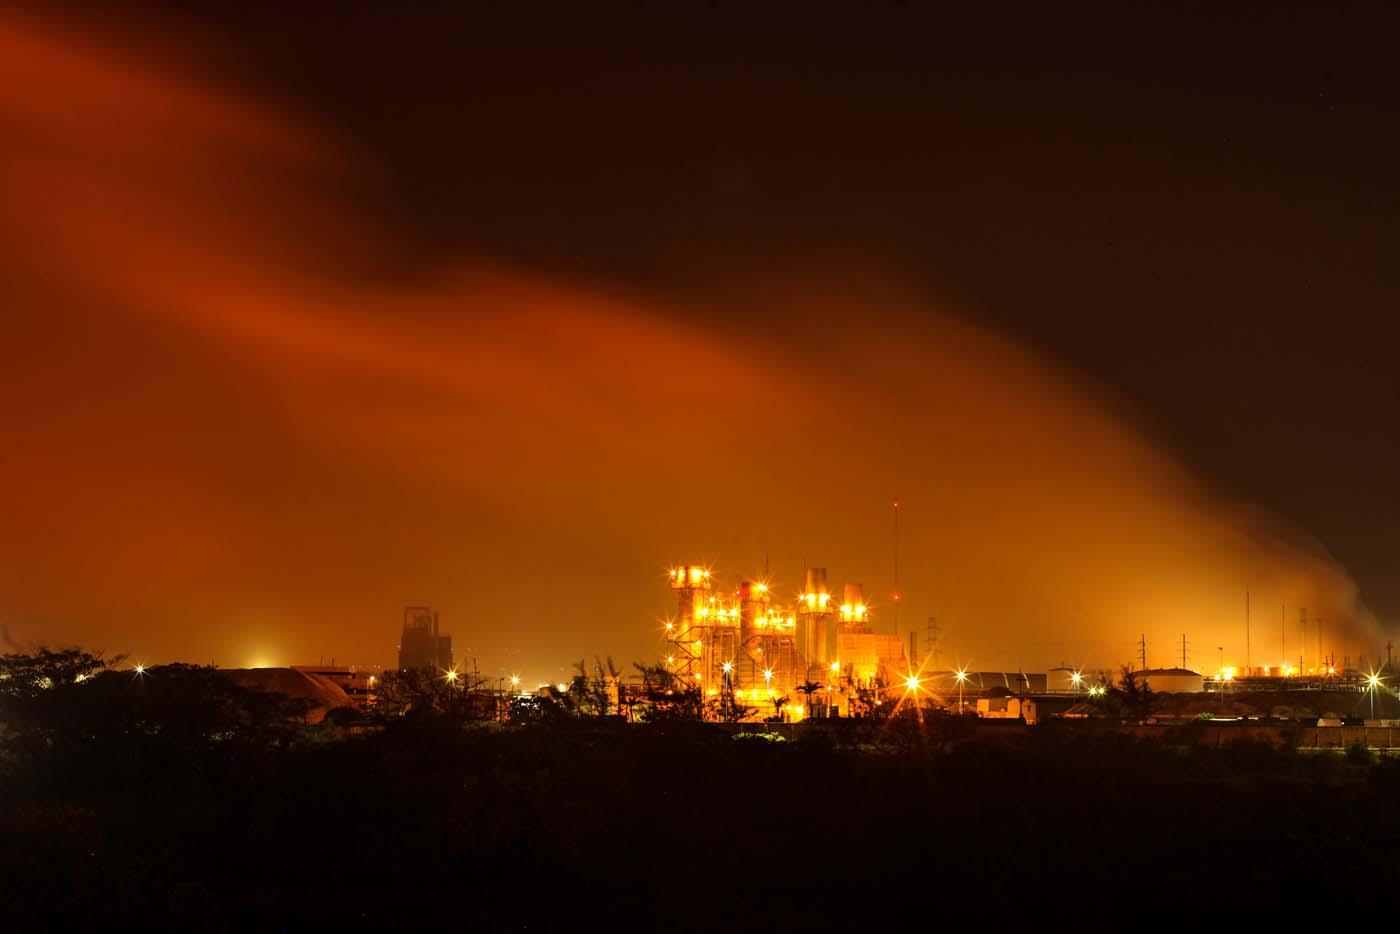 Una columna de humo se eleva sobre la planta petroquímica de Petróleos Mexicanos en Coatzacoalcos, México, el miércoles 20 de abril de 2016. Una explosión sacudió la planta en la costa sur del golfo de México, causando decenas de heridos. (AP Foto/Felix Marquez)